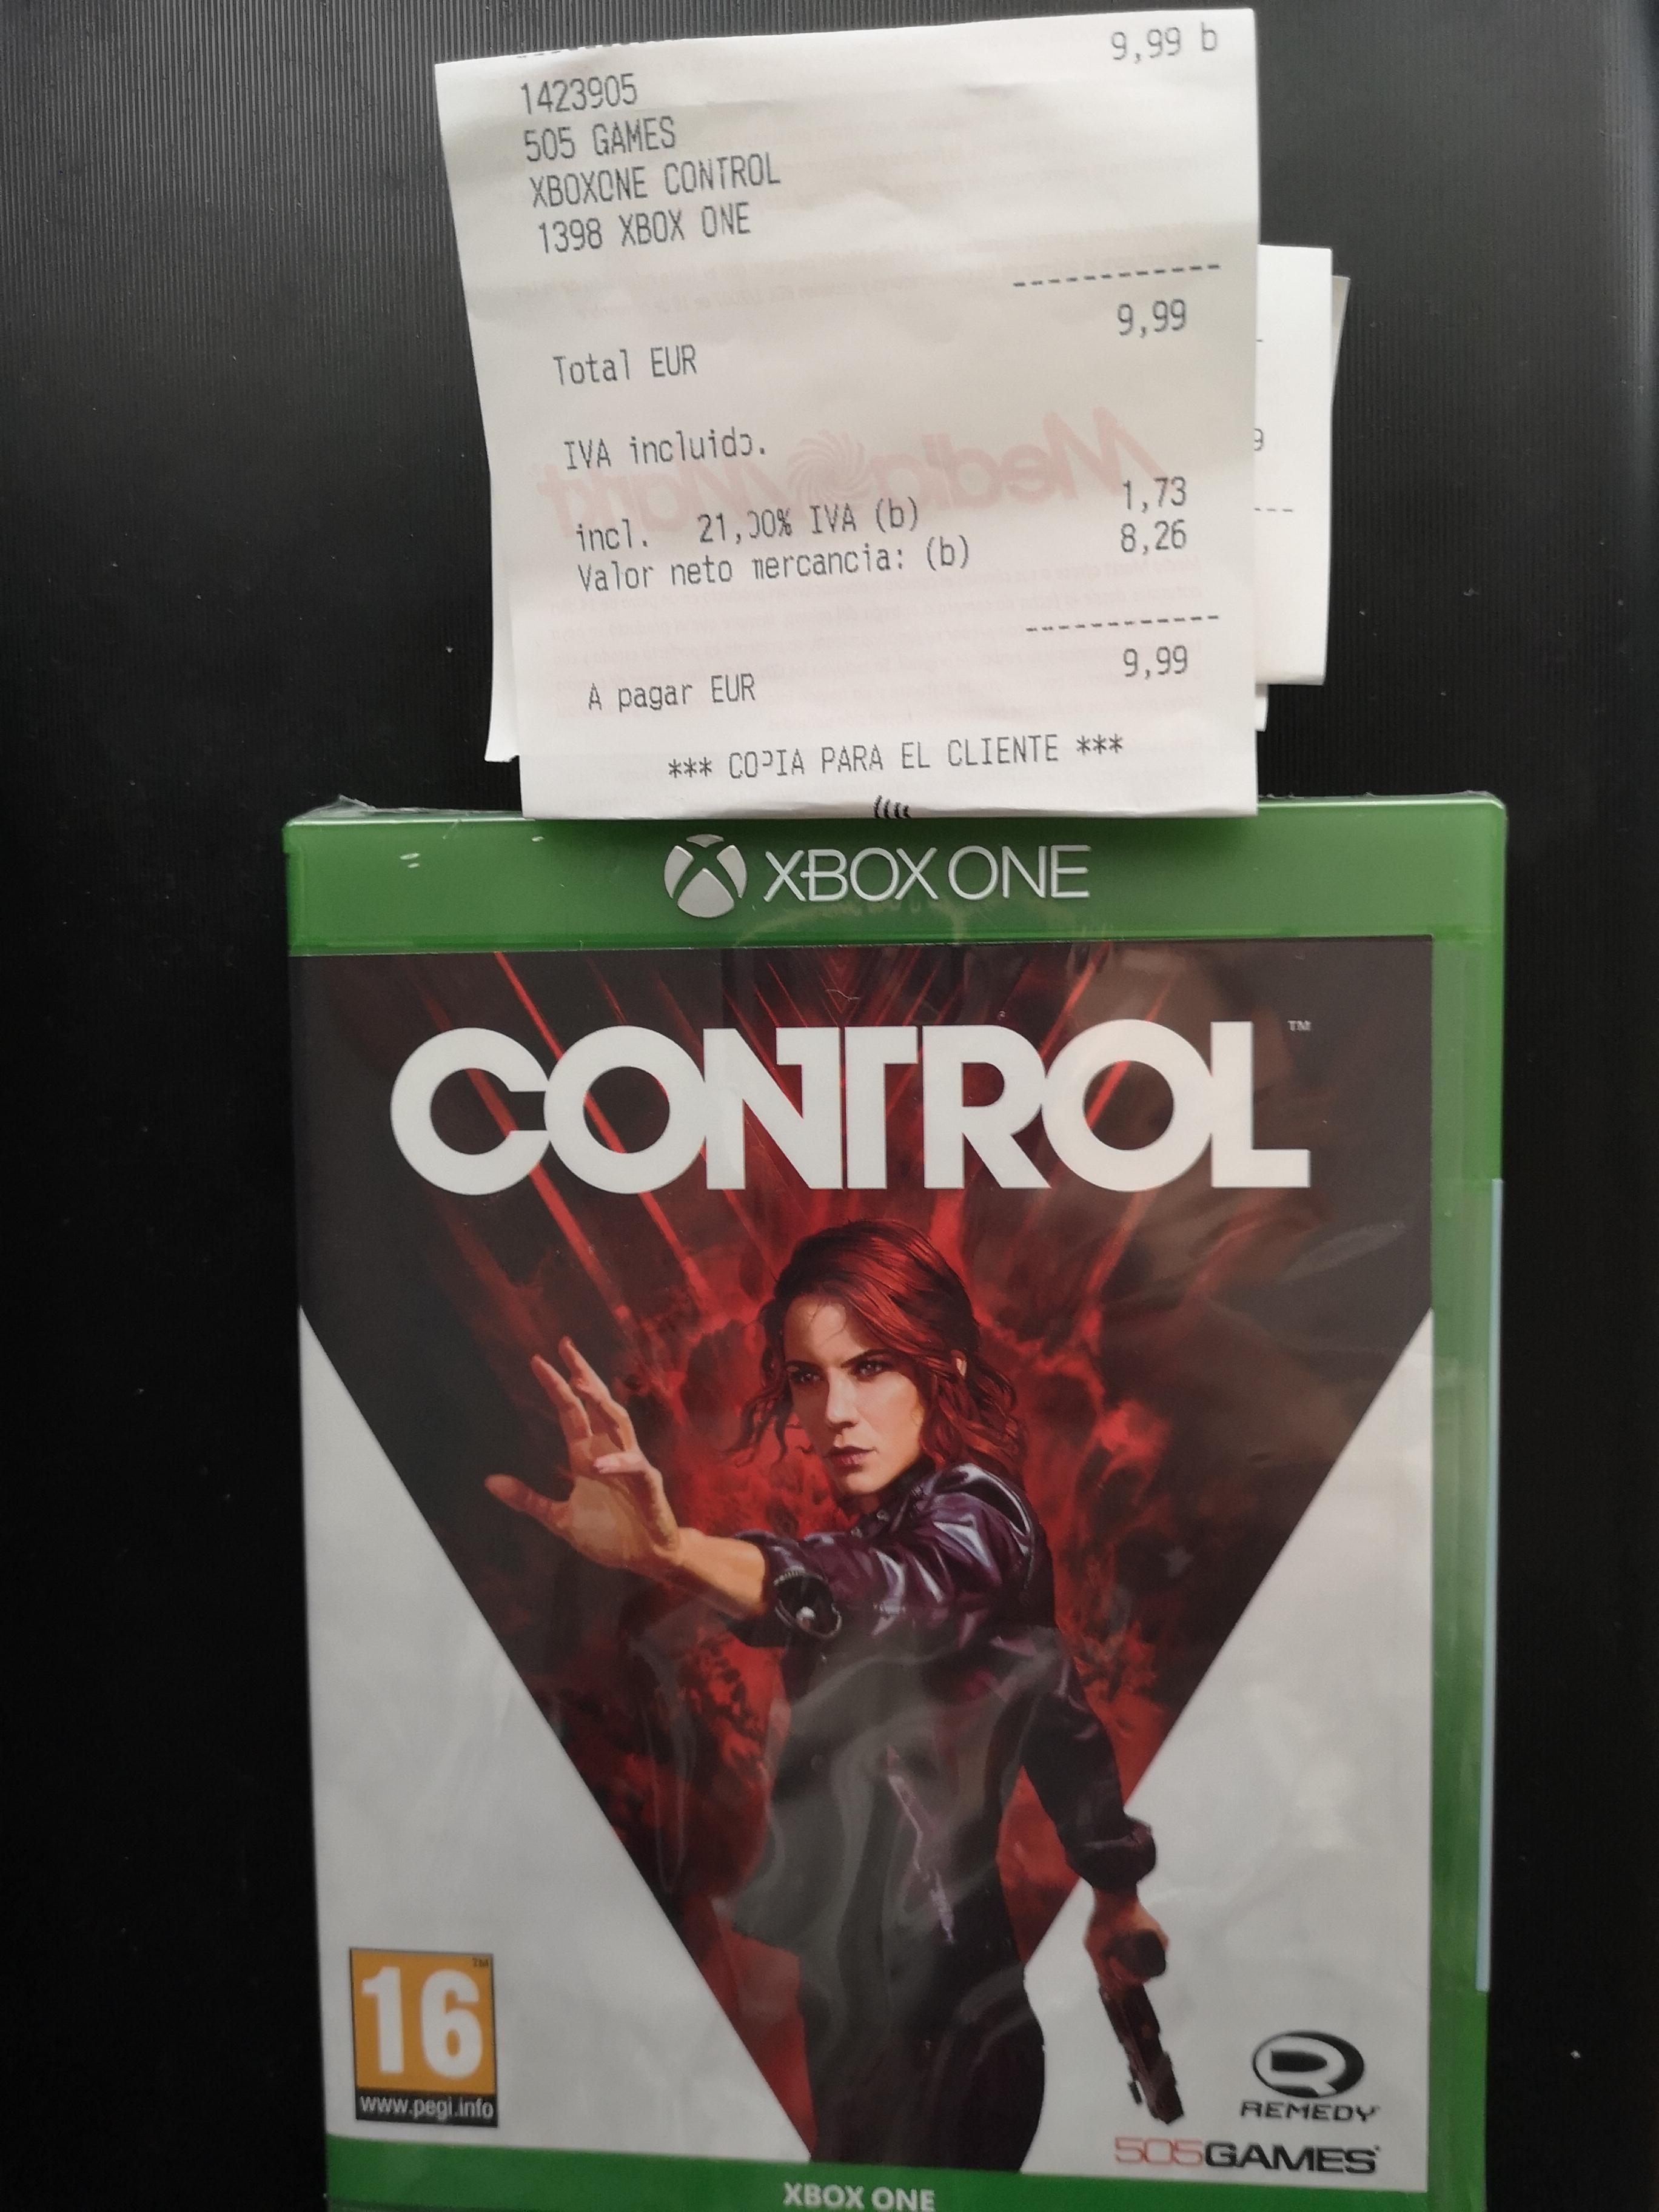 Control (xbox one) en Mediamarkt Valladolid